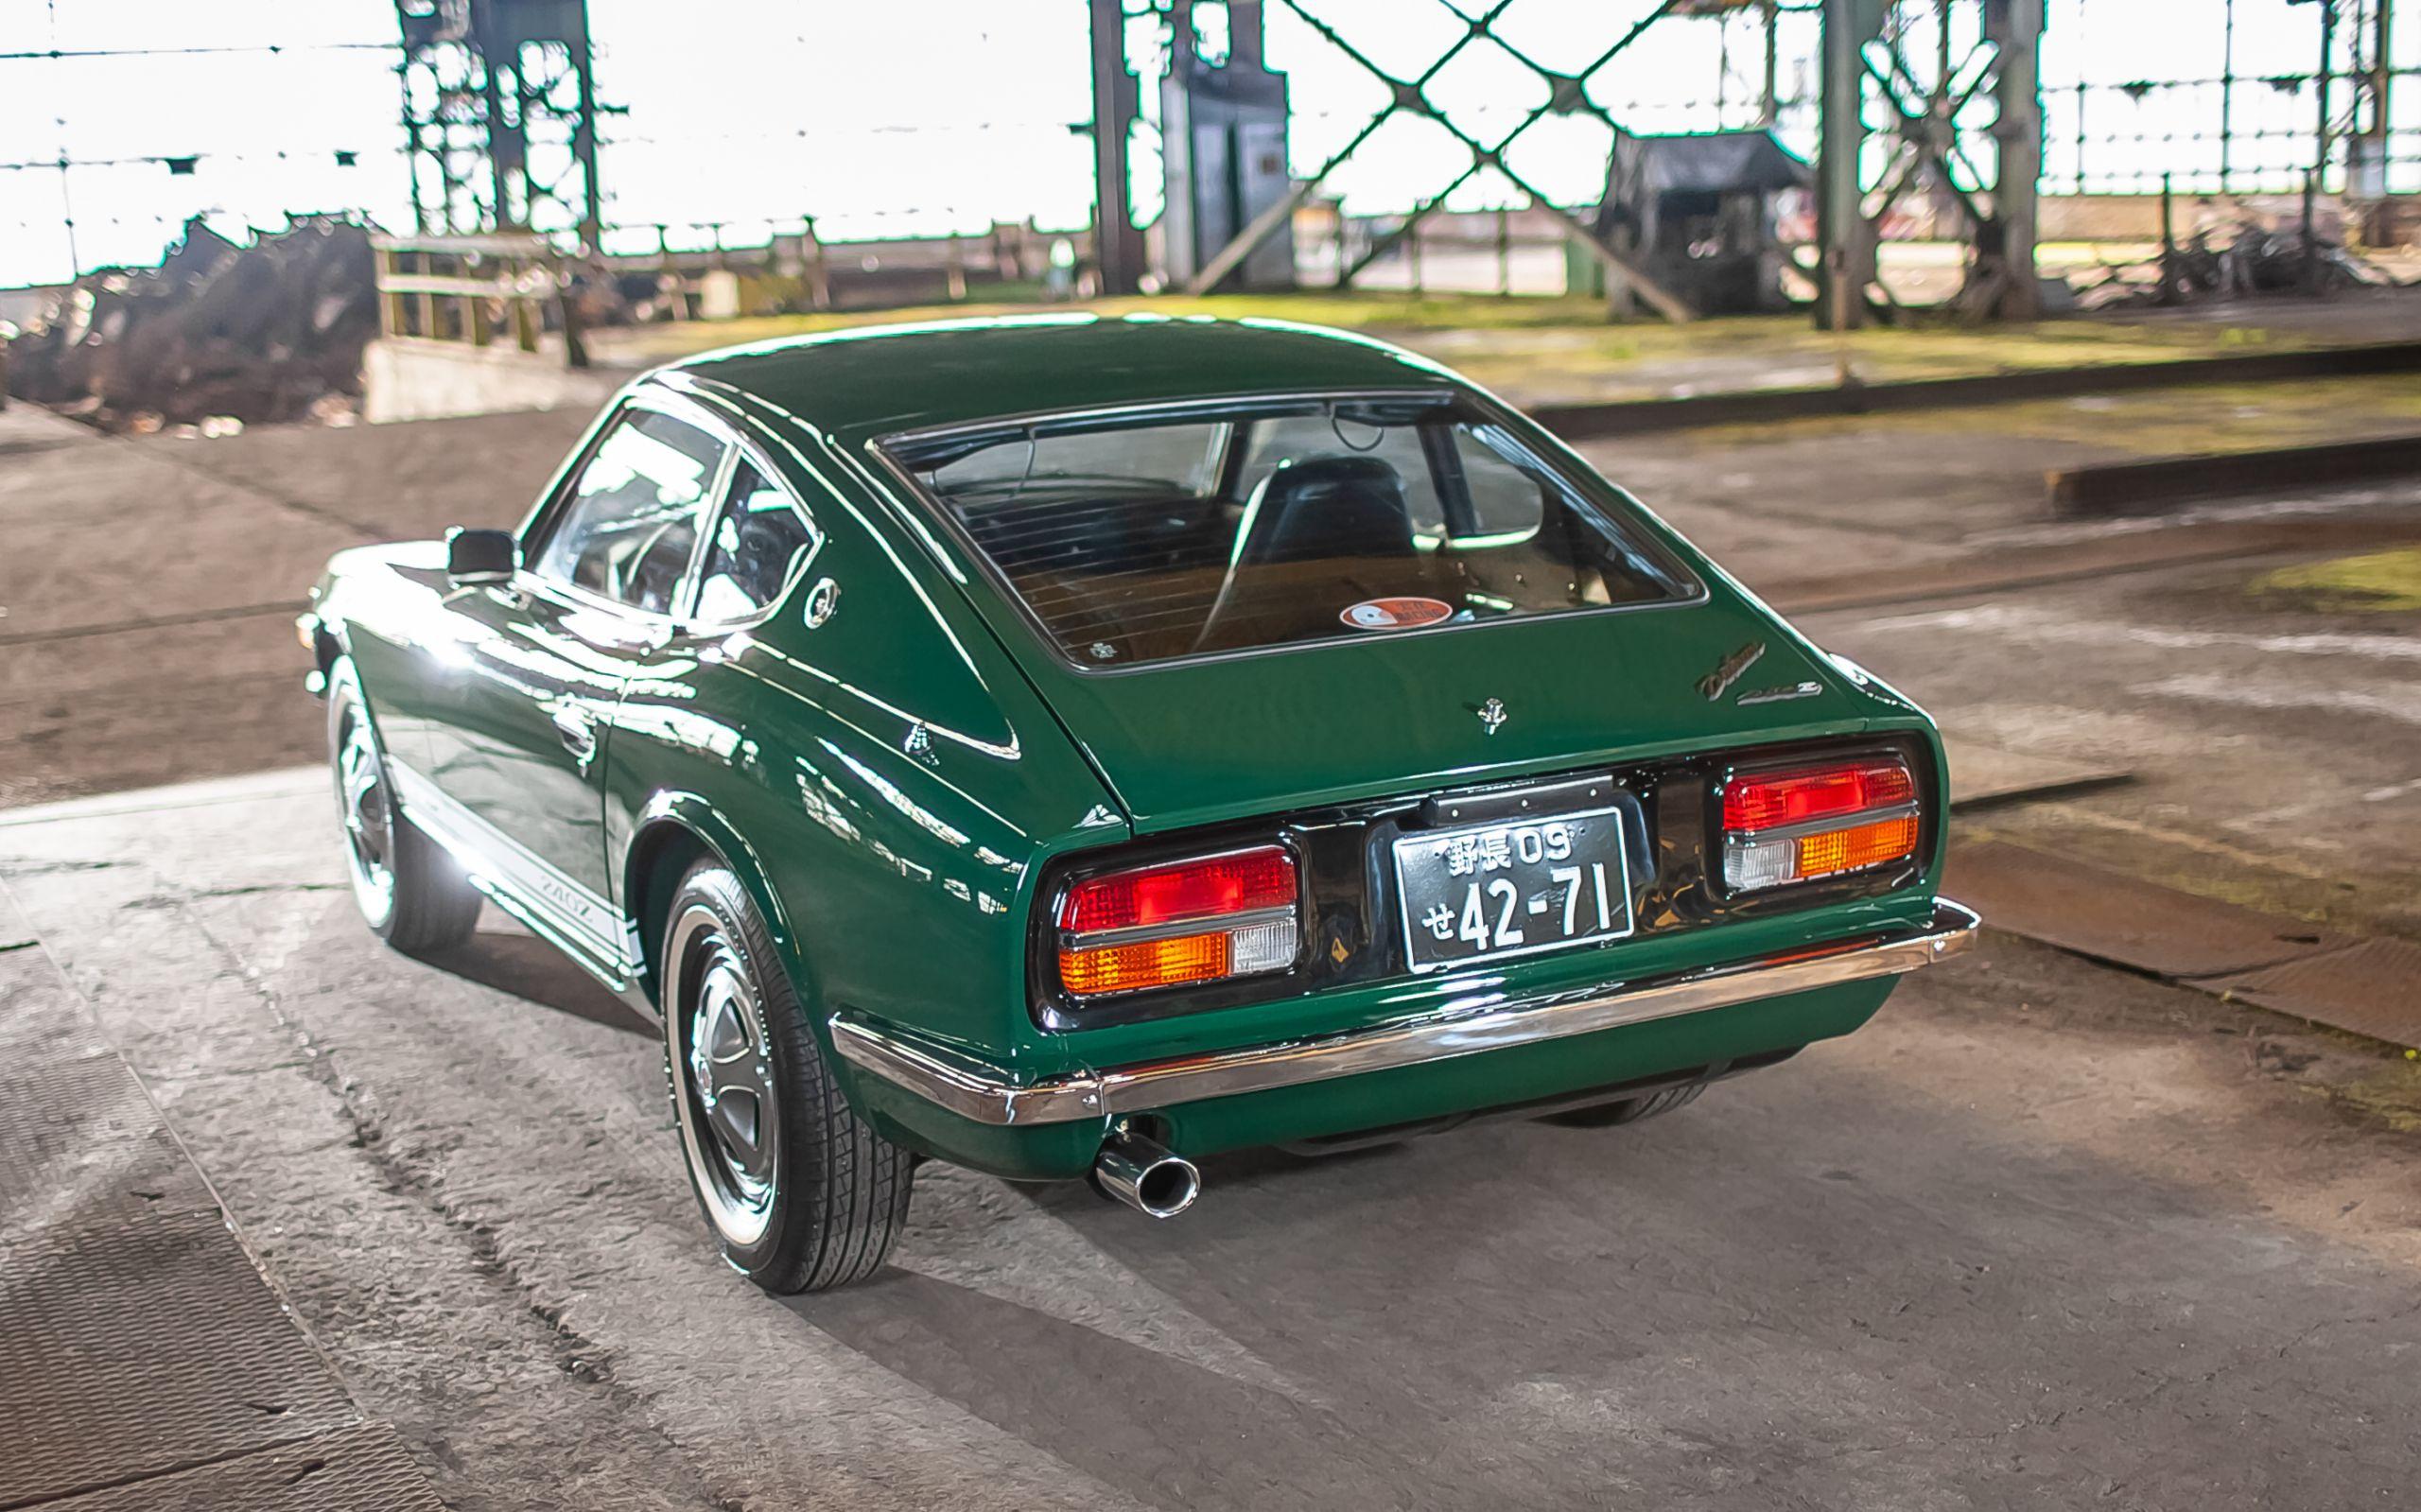 Series 1 Datsun 240z zu verkaufen